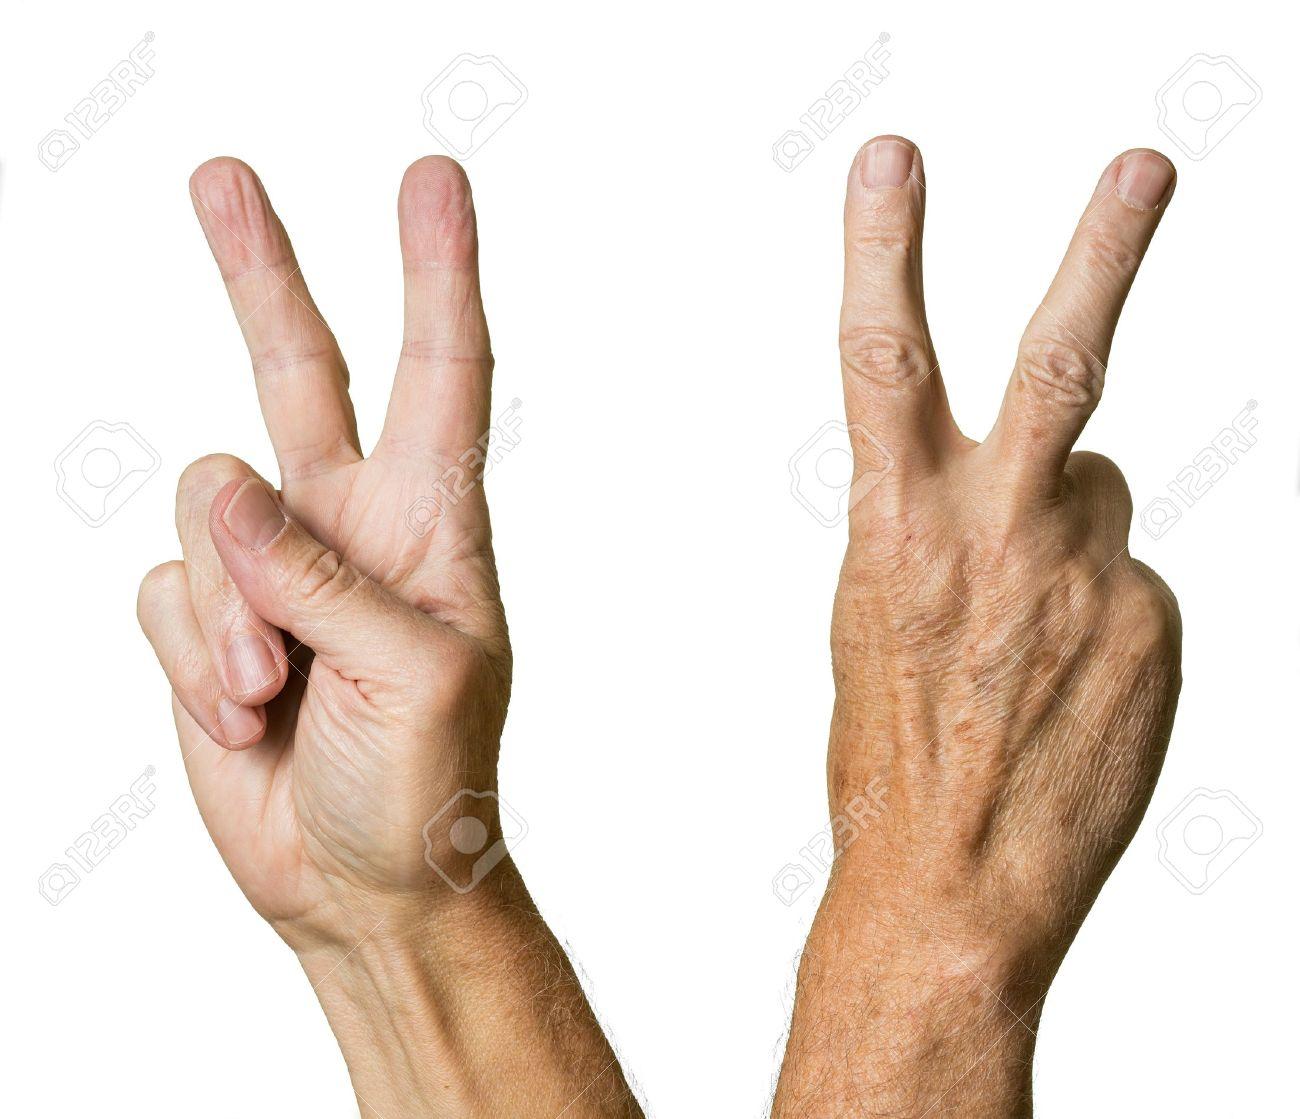 「v sign」的圖片搜尋結果